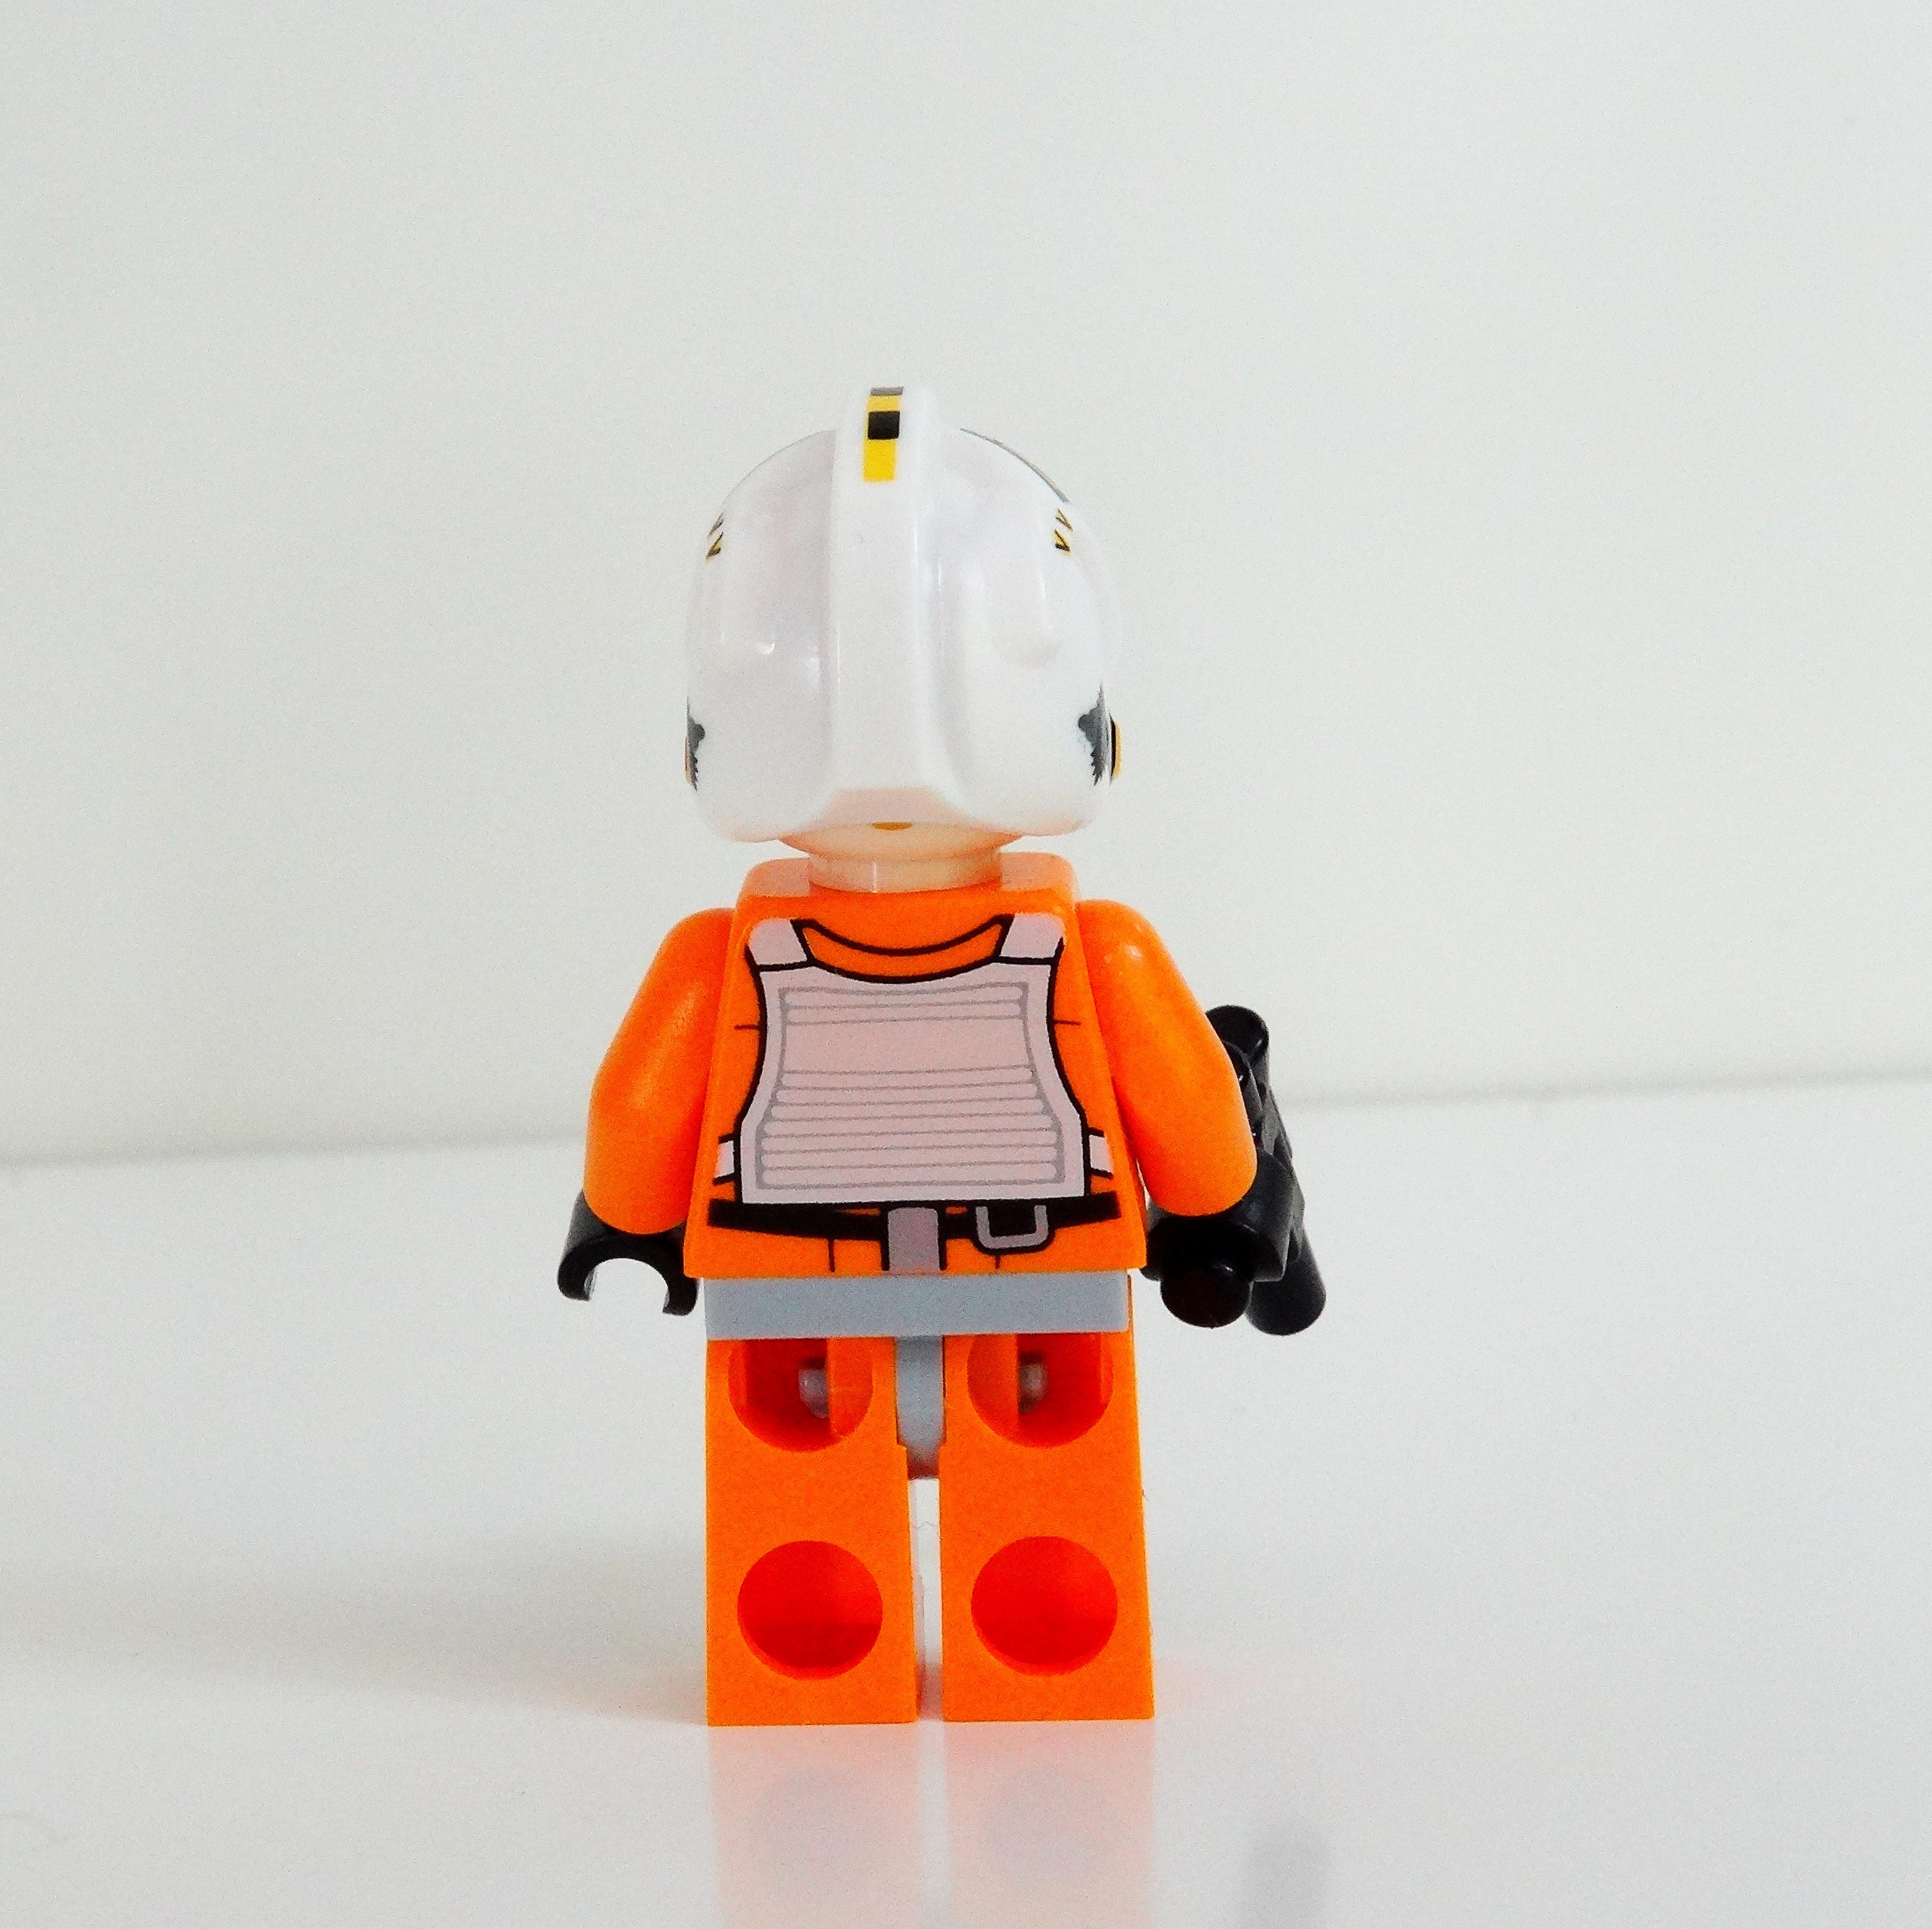 Rückansicht der Rebellenpiloten-Minifigur.